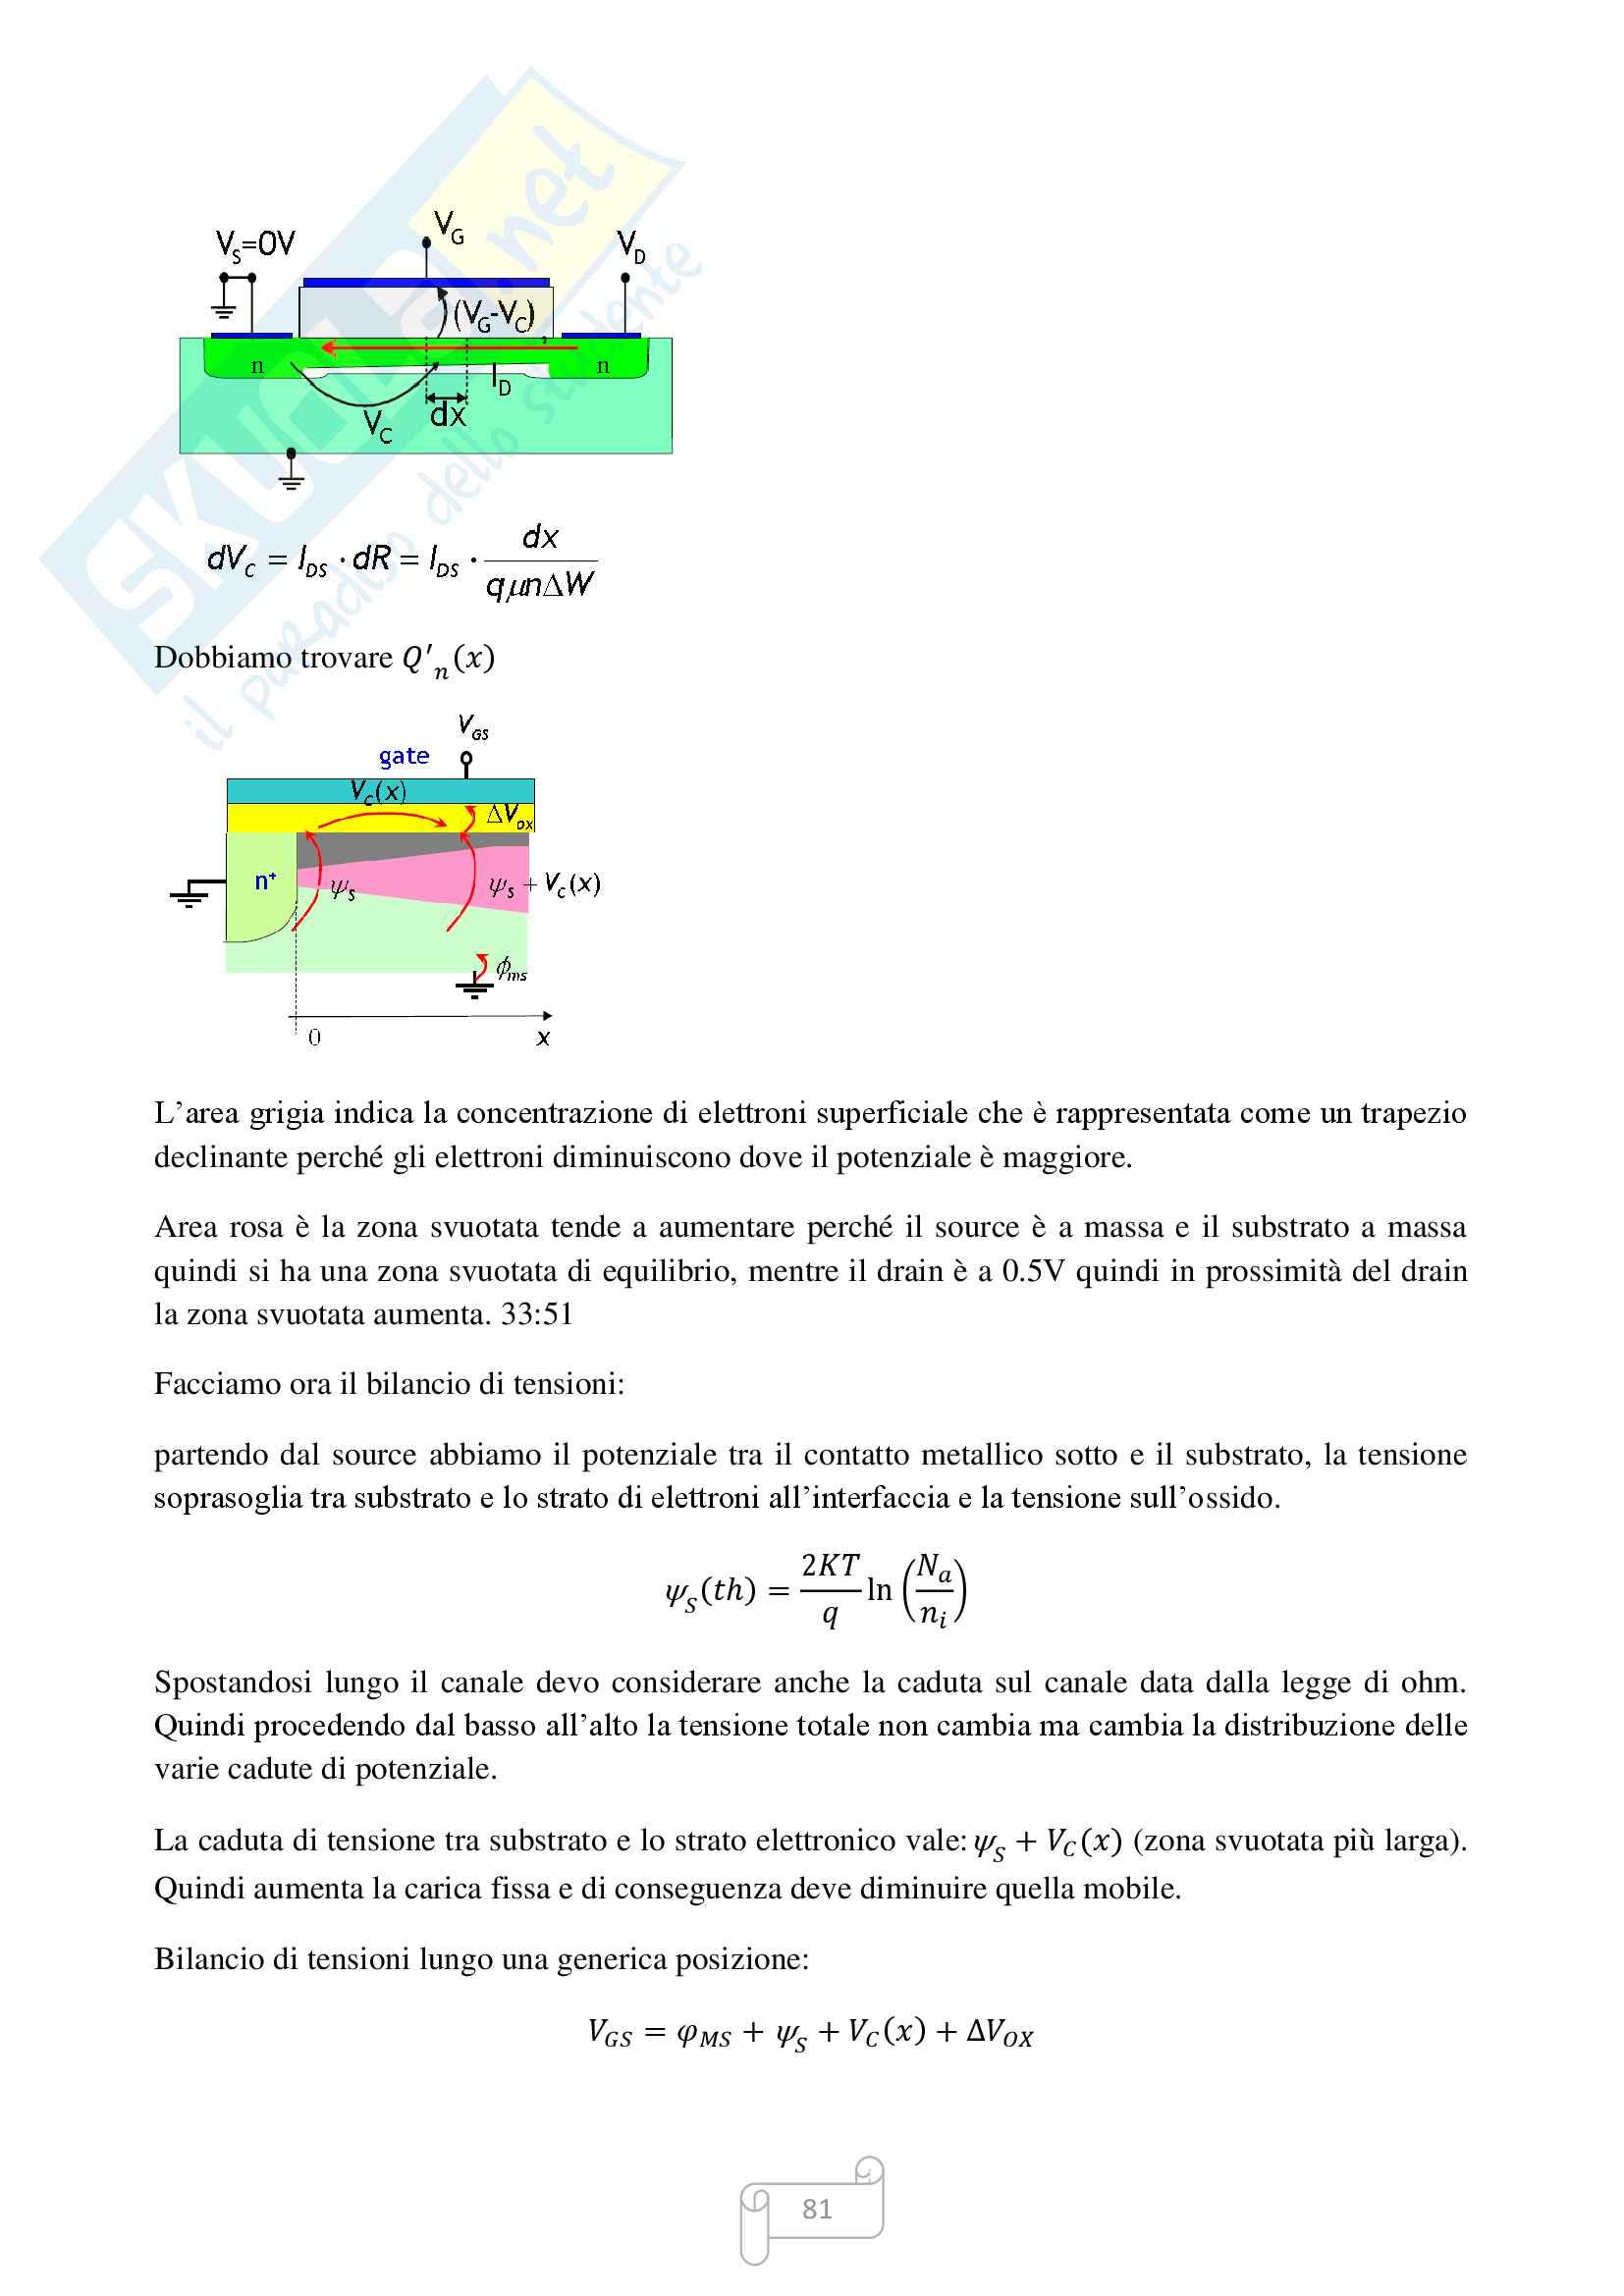 Appunti dispositivi elettronici Pag. 81